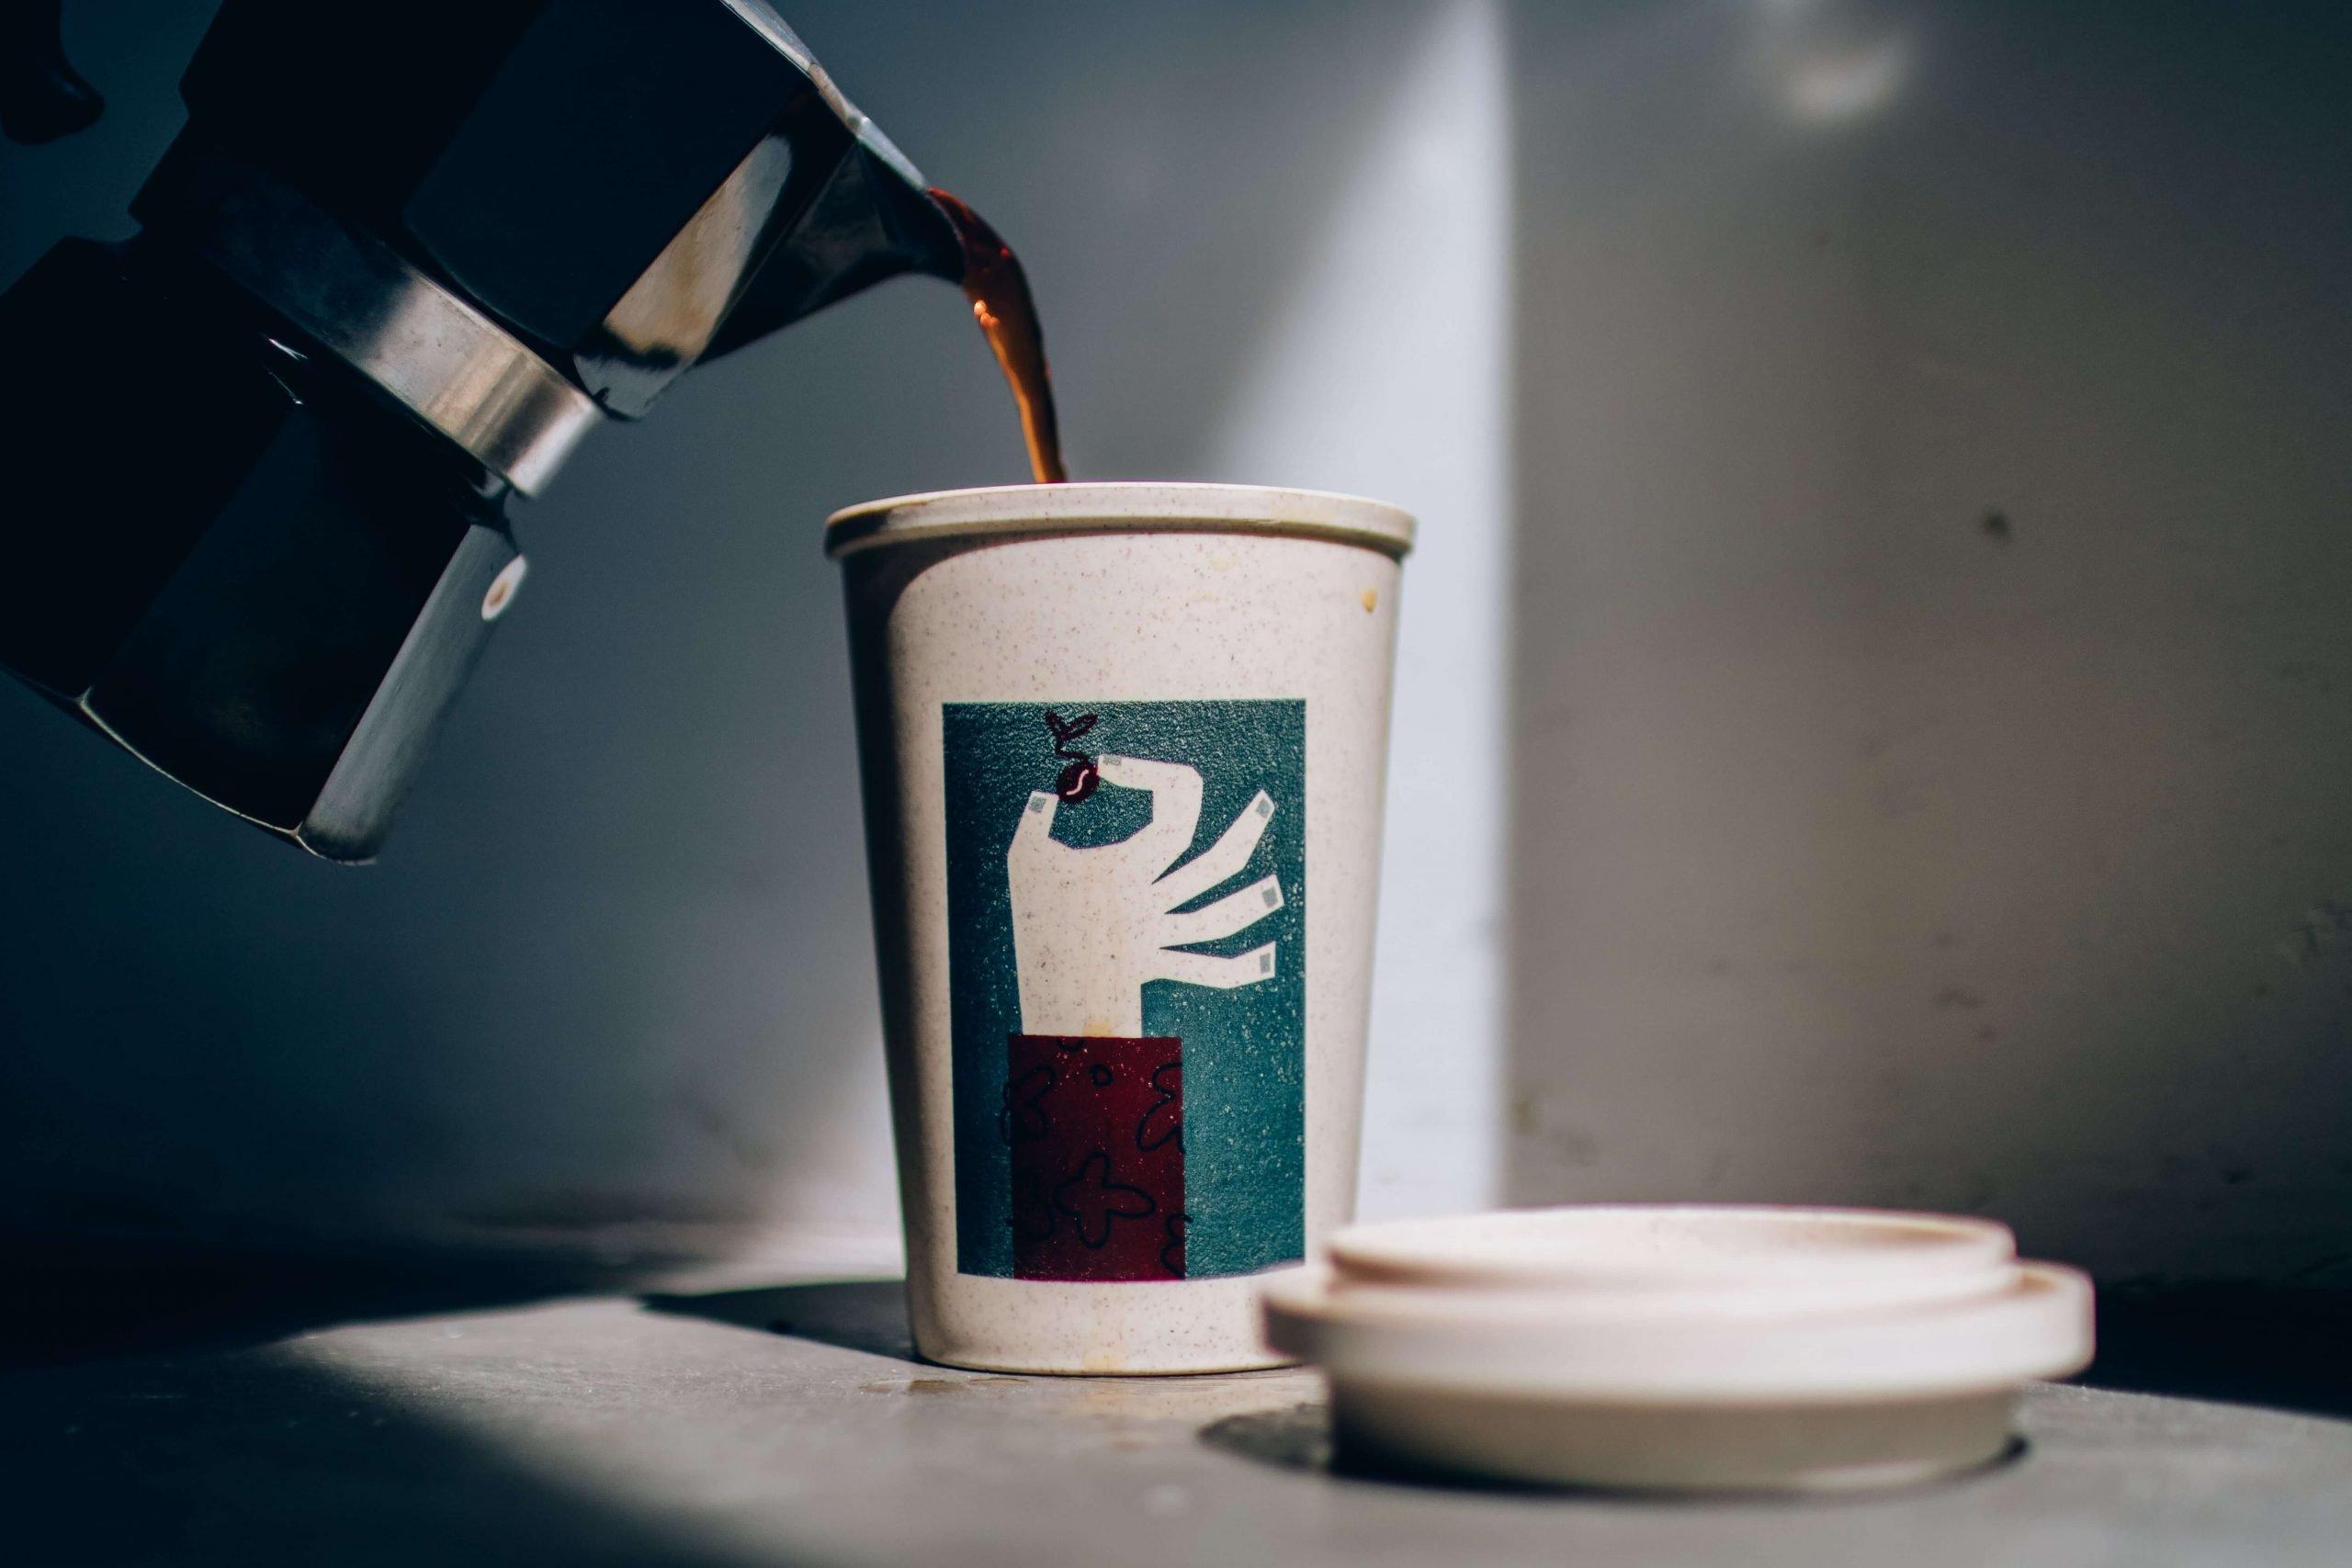 Café sendo passado no copo do Moka para a análise sensorial de café.